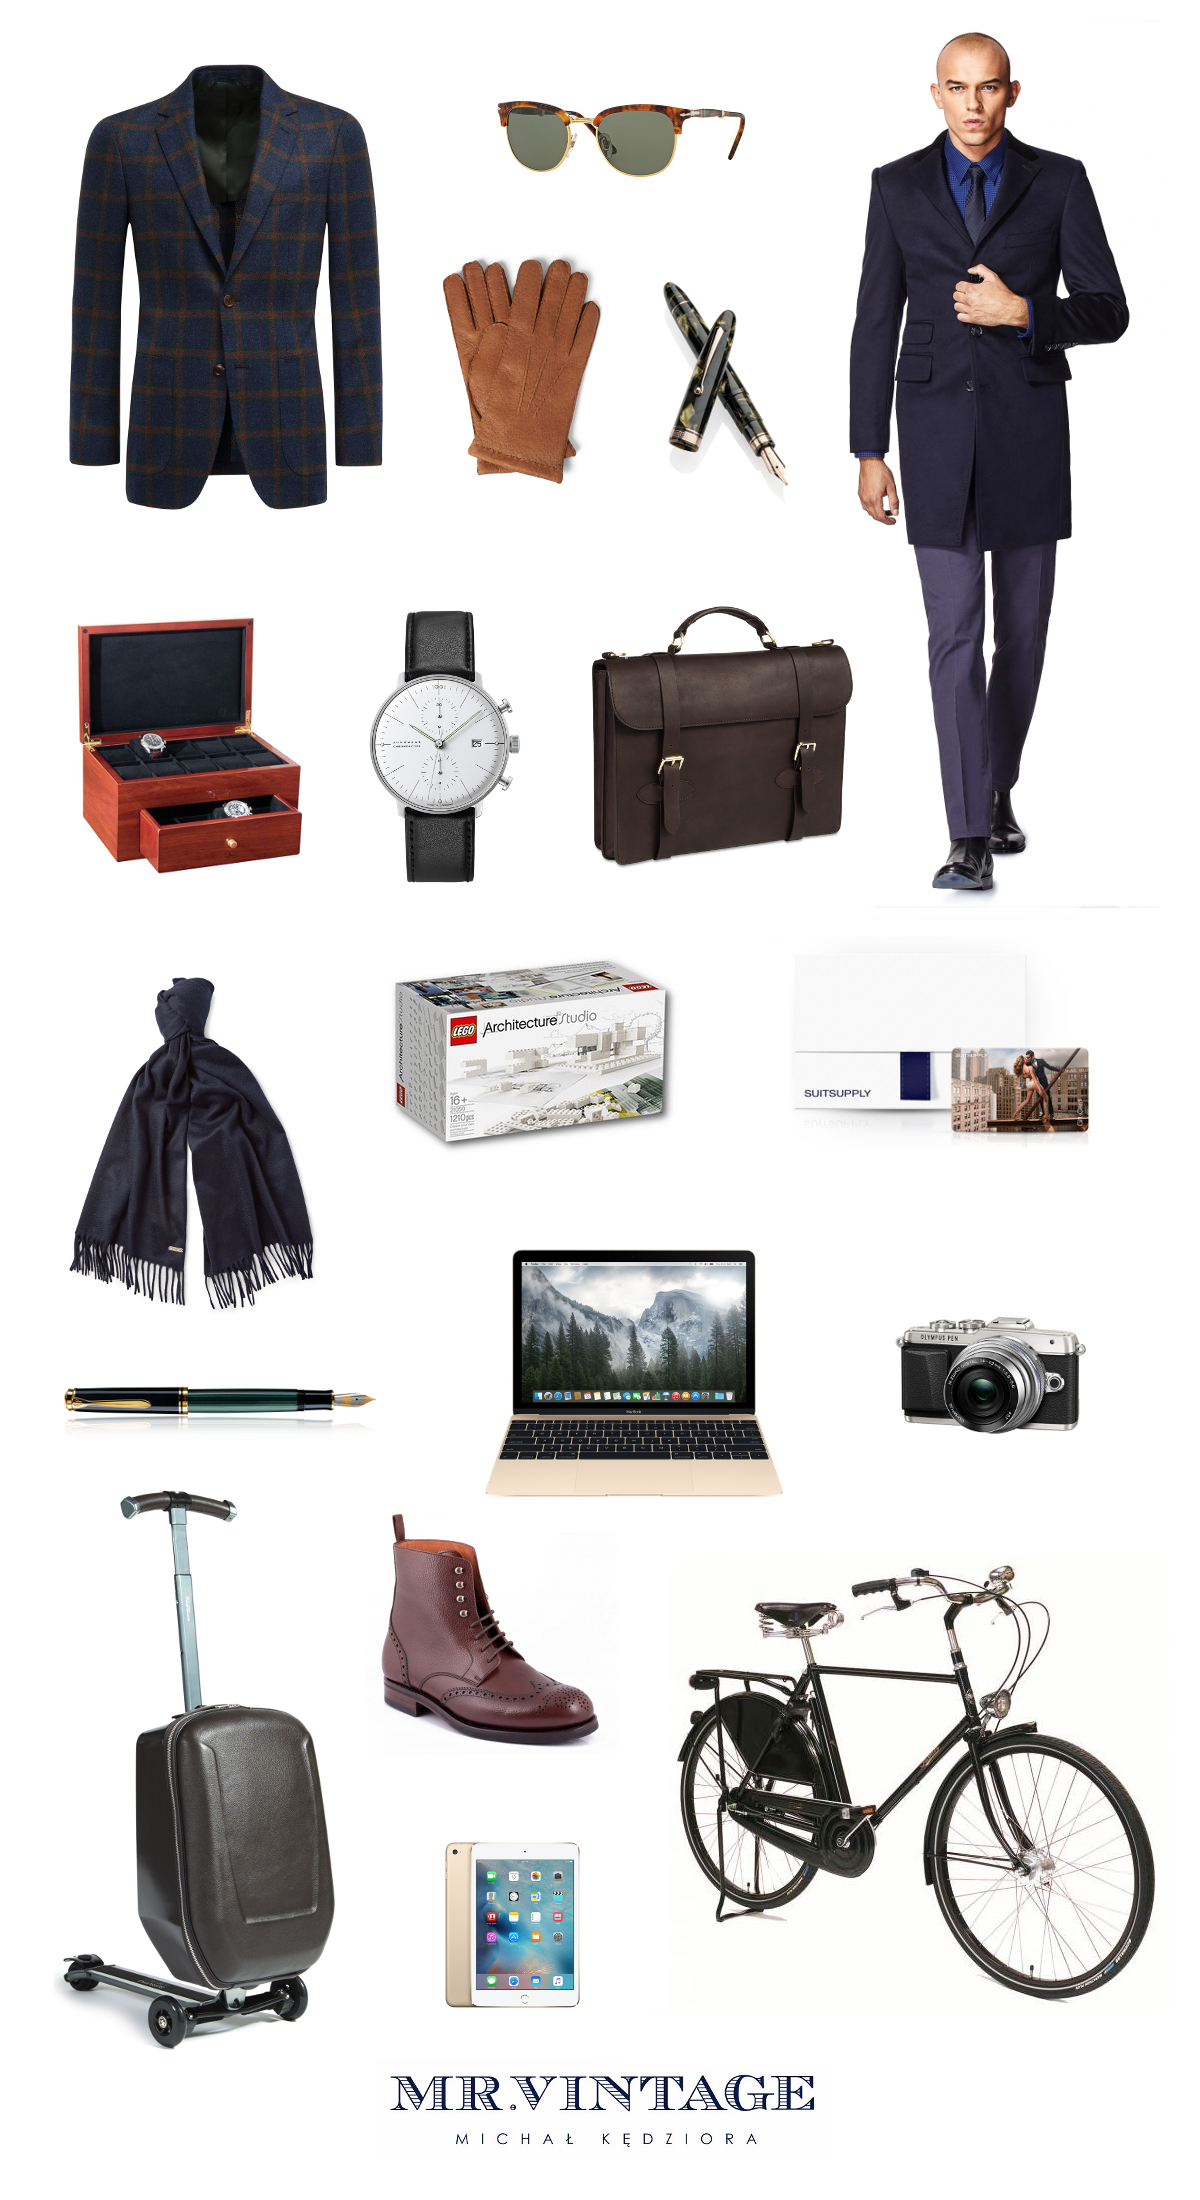 cb9abf778b24e8 155 pomysłów na stylowy prezent dla mężczyzny | Mr Vintage ...